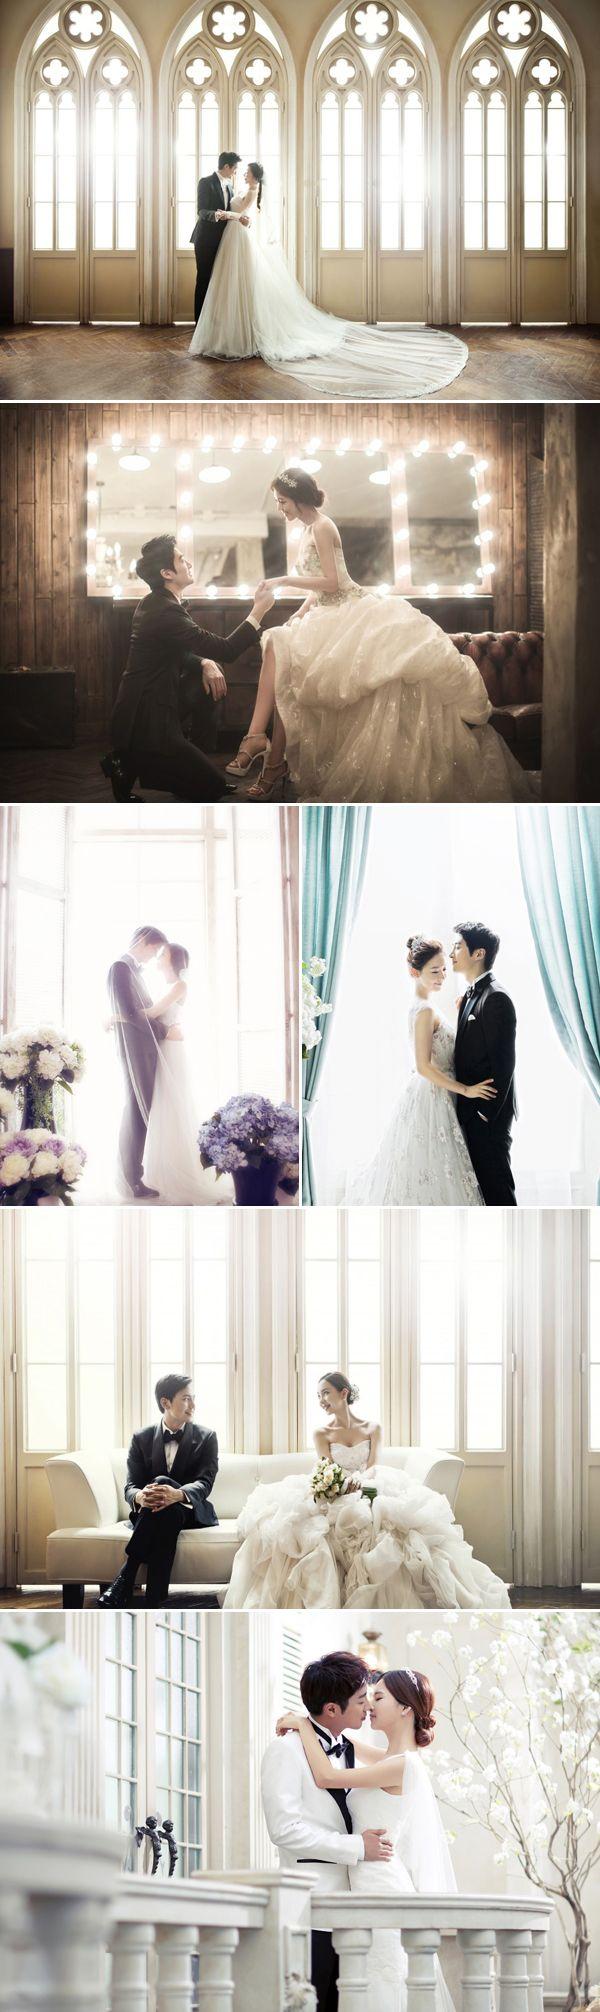 Real life kdrama dreamy korean concept prewedding photos